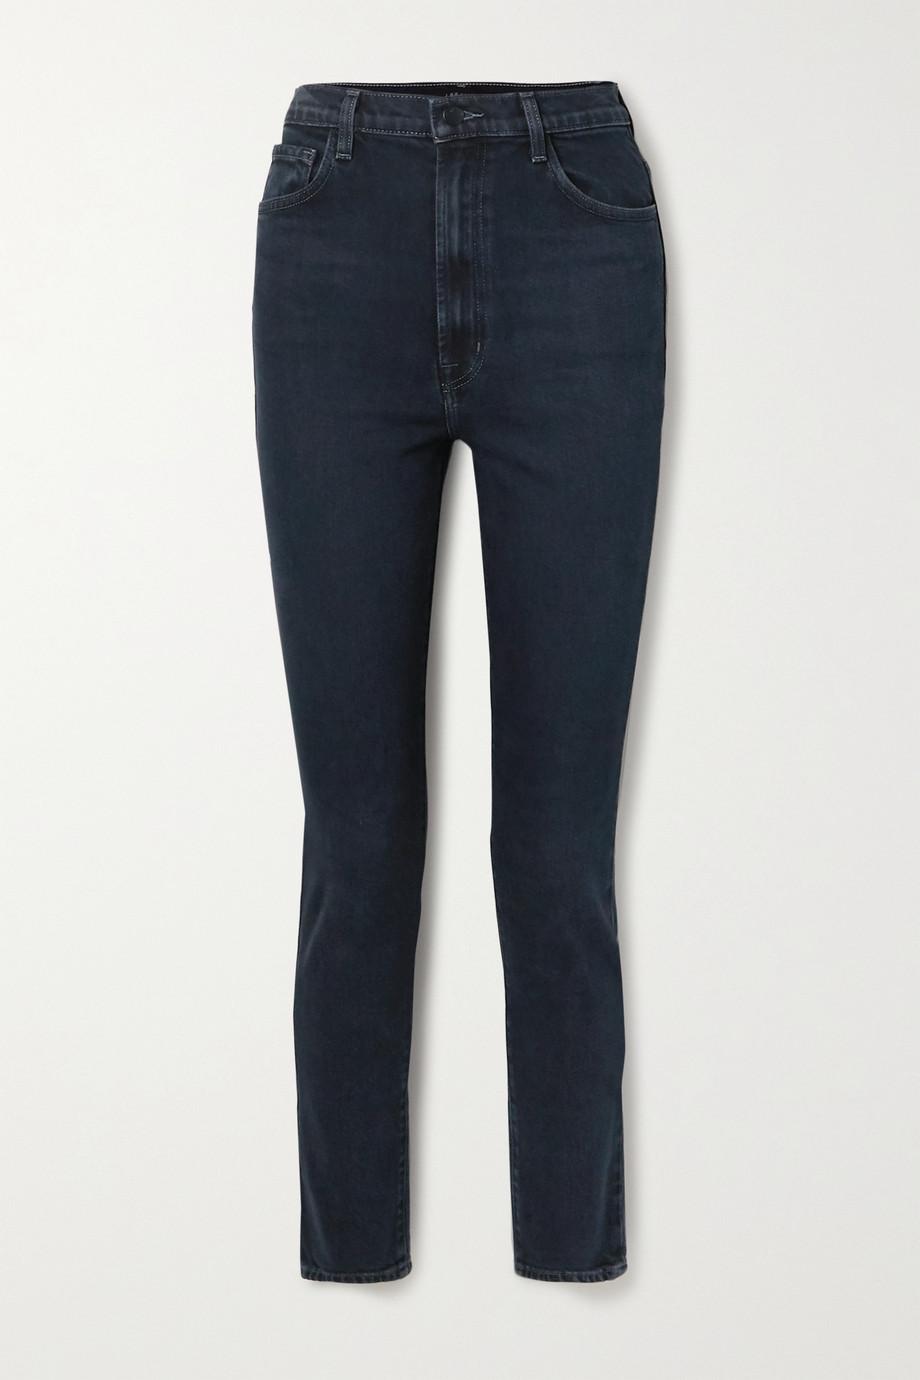 J Brand 1212 Runway hoch sitzende Jeans mit schmalem Bein